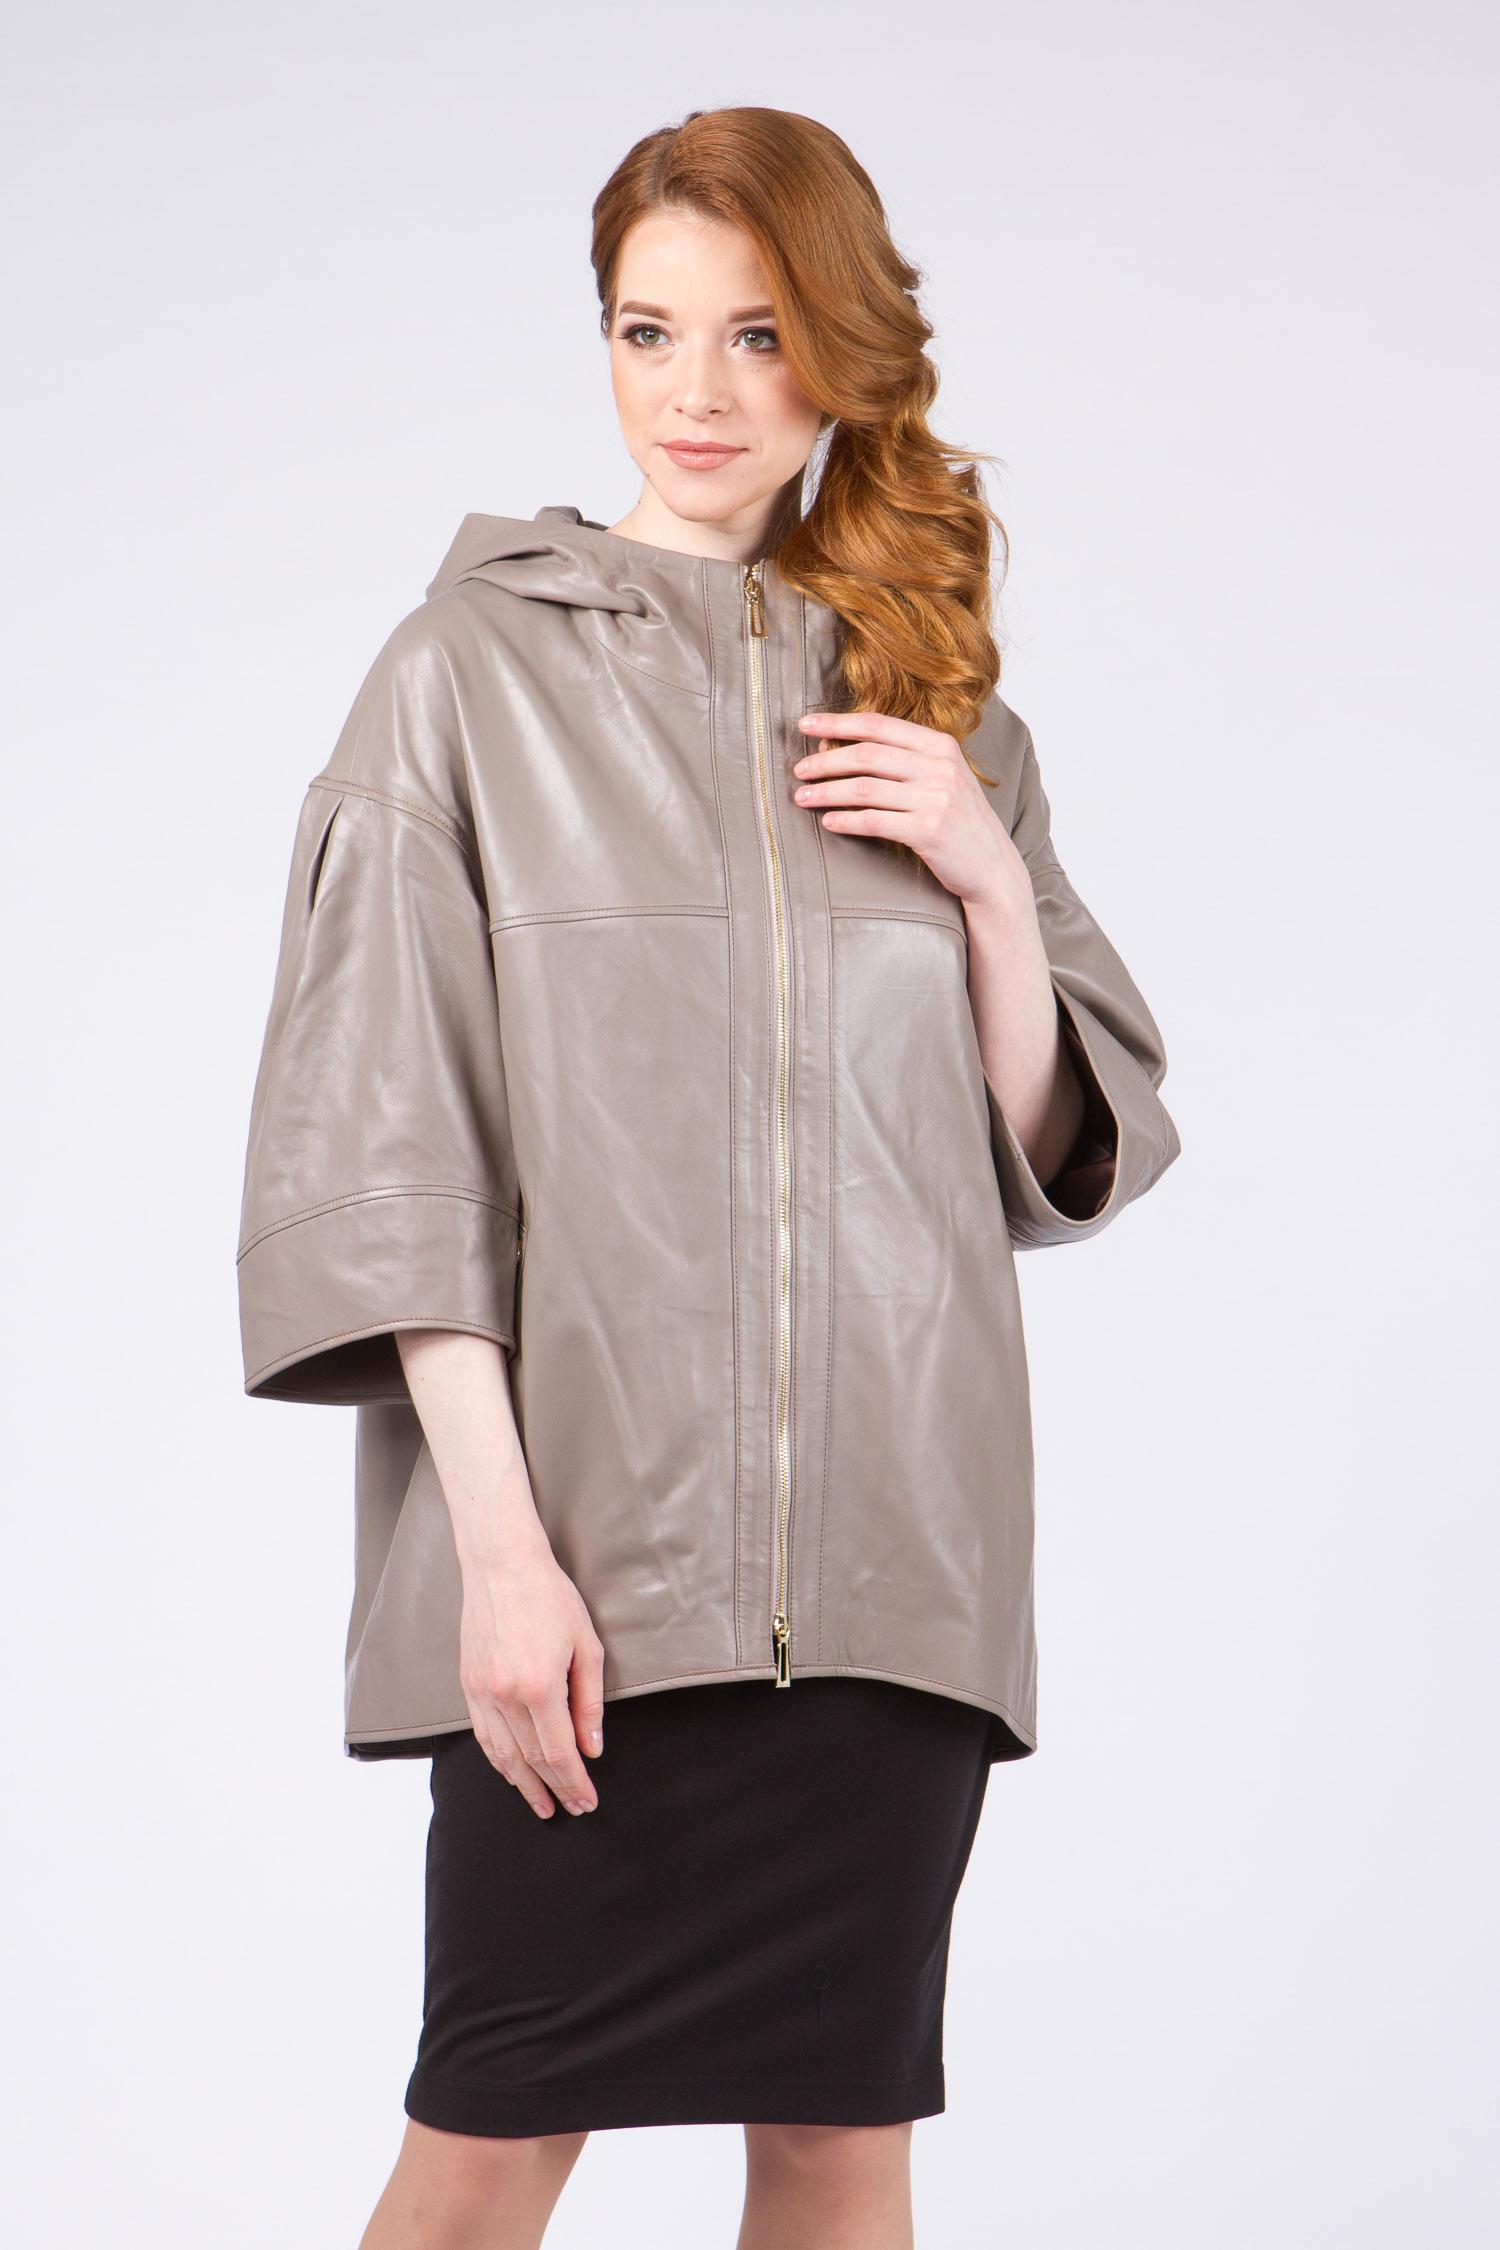 Женская кожаная куртка из натуральной кожи с капюшоном, без отделки<br><br>Воротник: капюшон<br>Длина см: Средняя (75-89 )<br>Материал: Кожа овчина<br>Цвет: серый<br>Вид застежки: центральная<br>Застежка: на молнии<br>Пол: Женский<br>Размер RU: 64